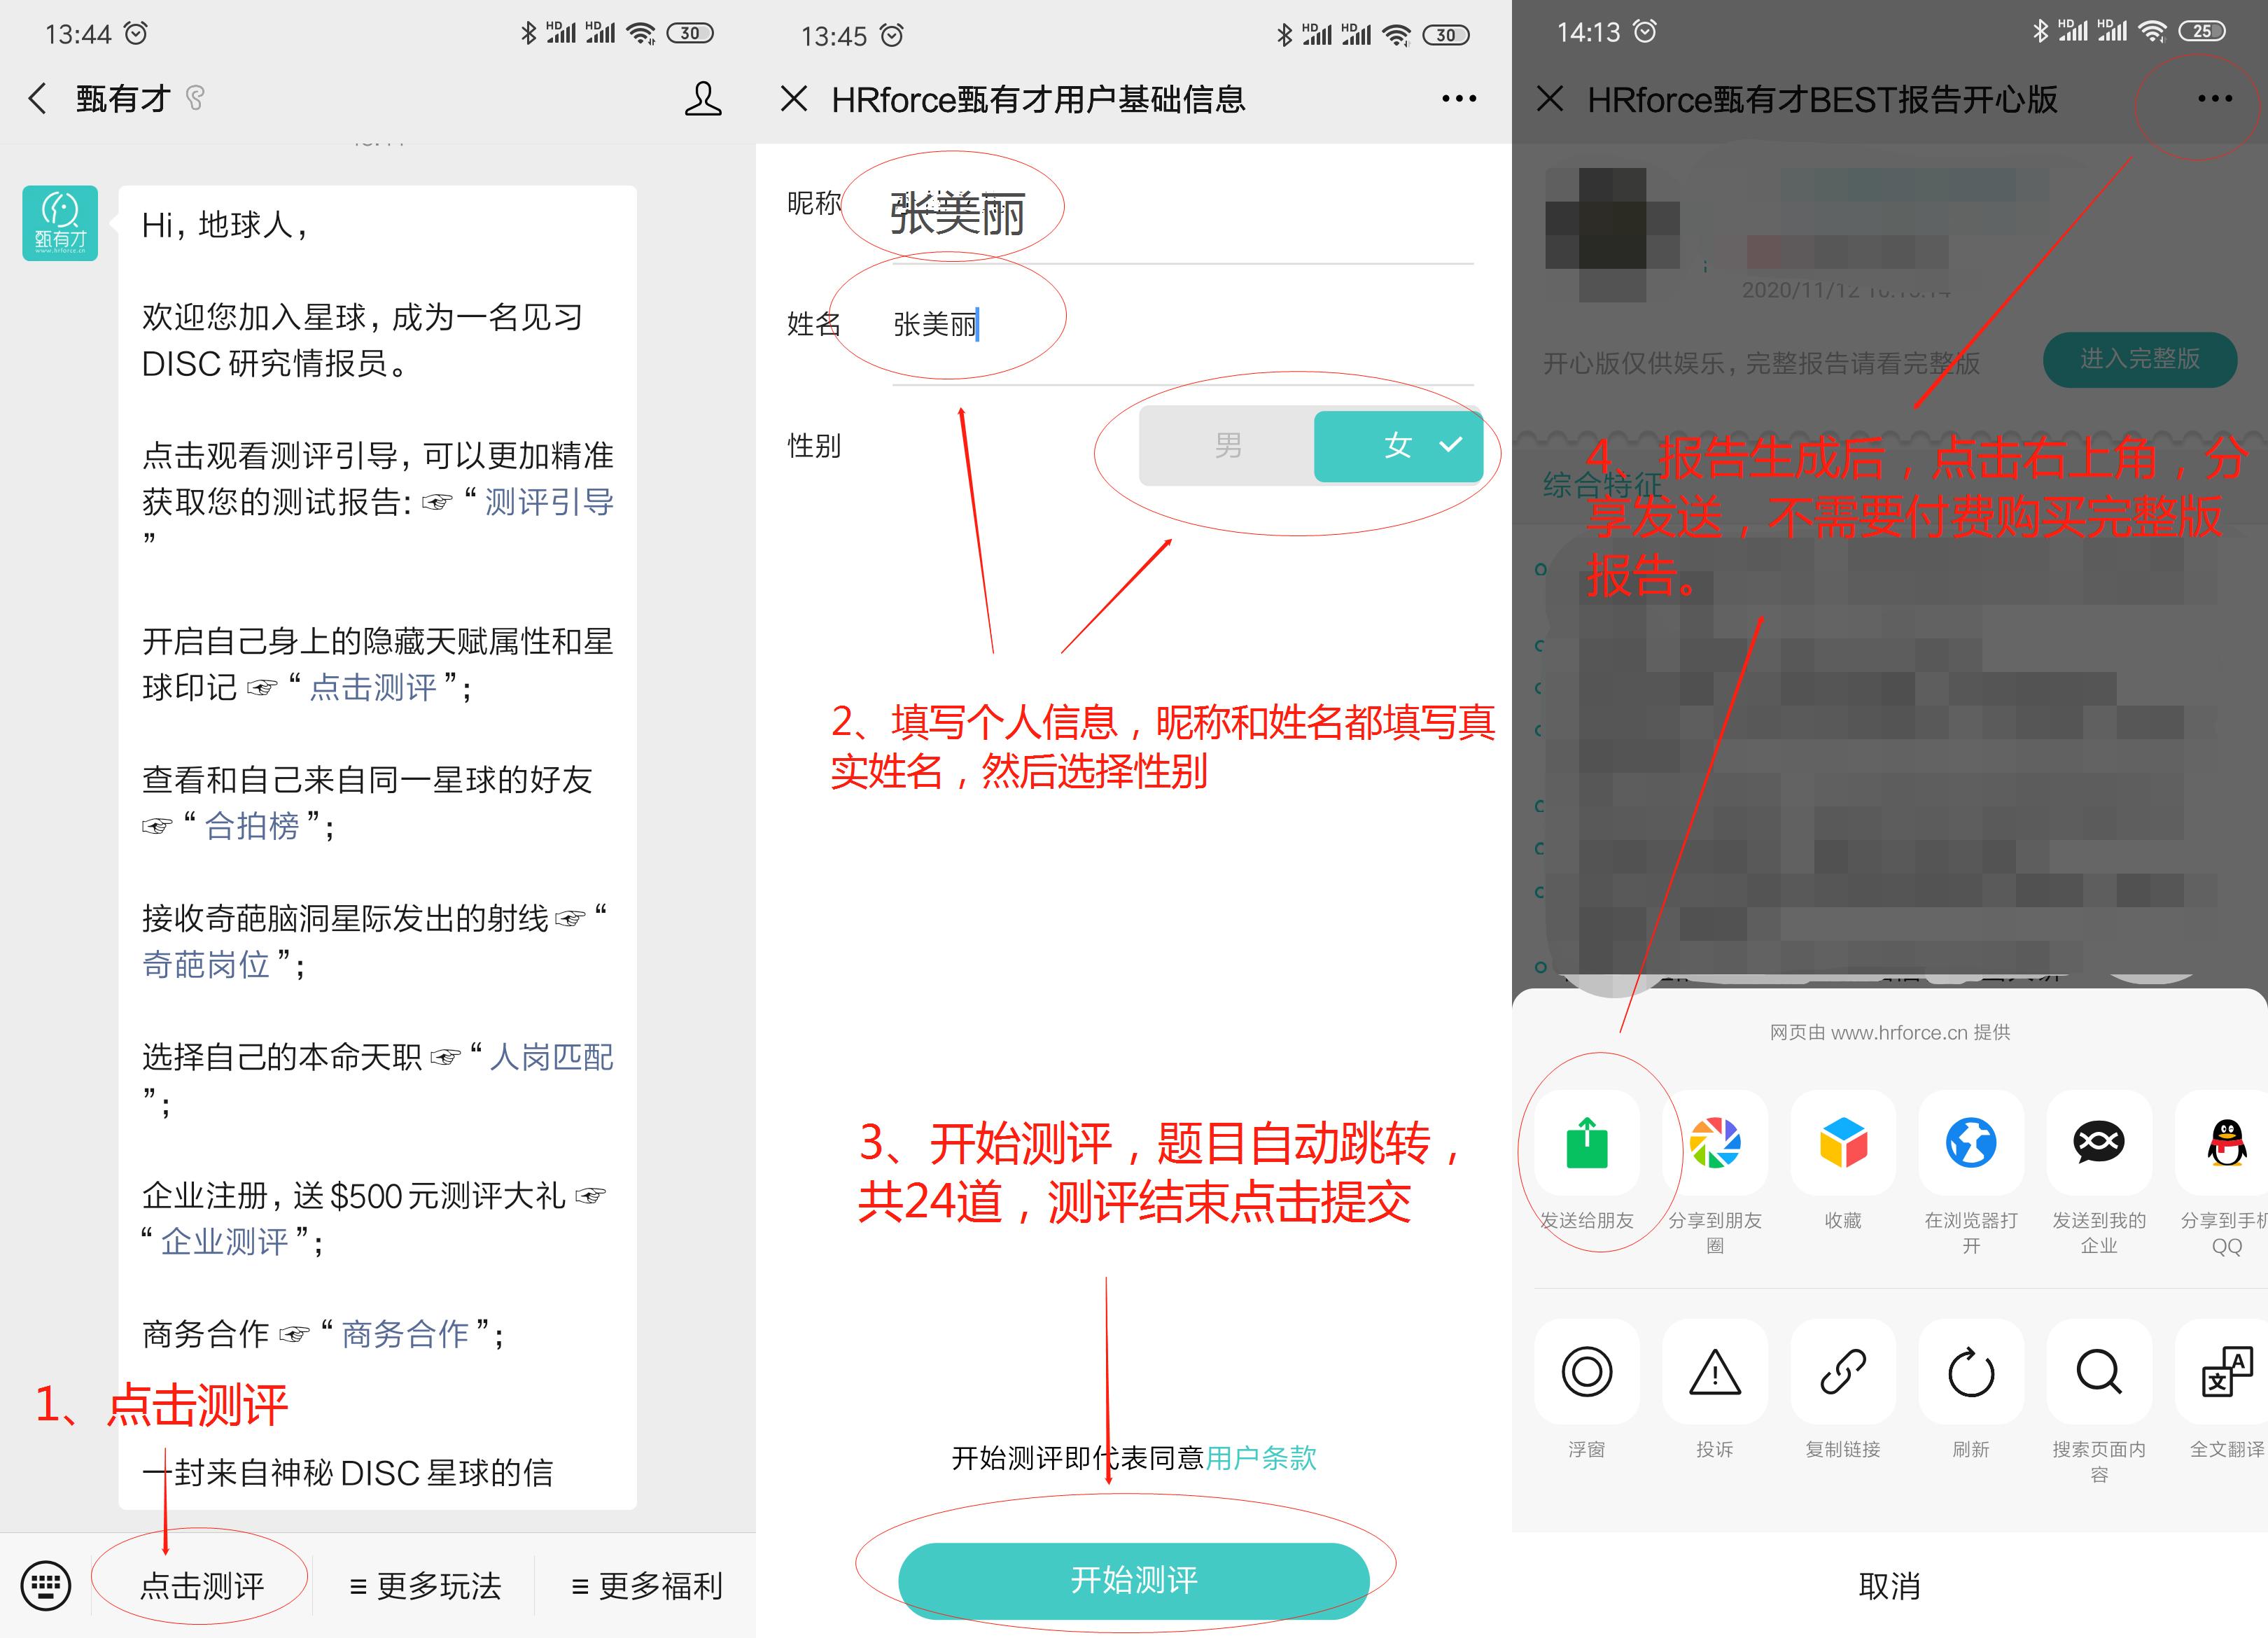 zidonghua testing zhuanyong 1231 to ziteng 1235435